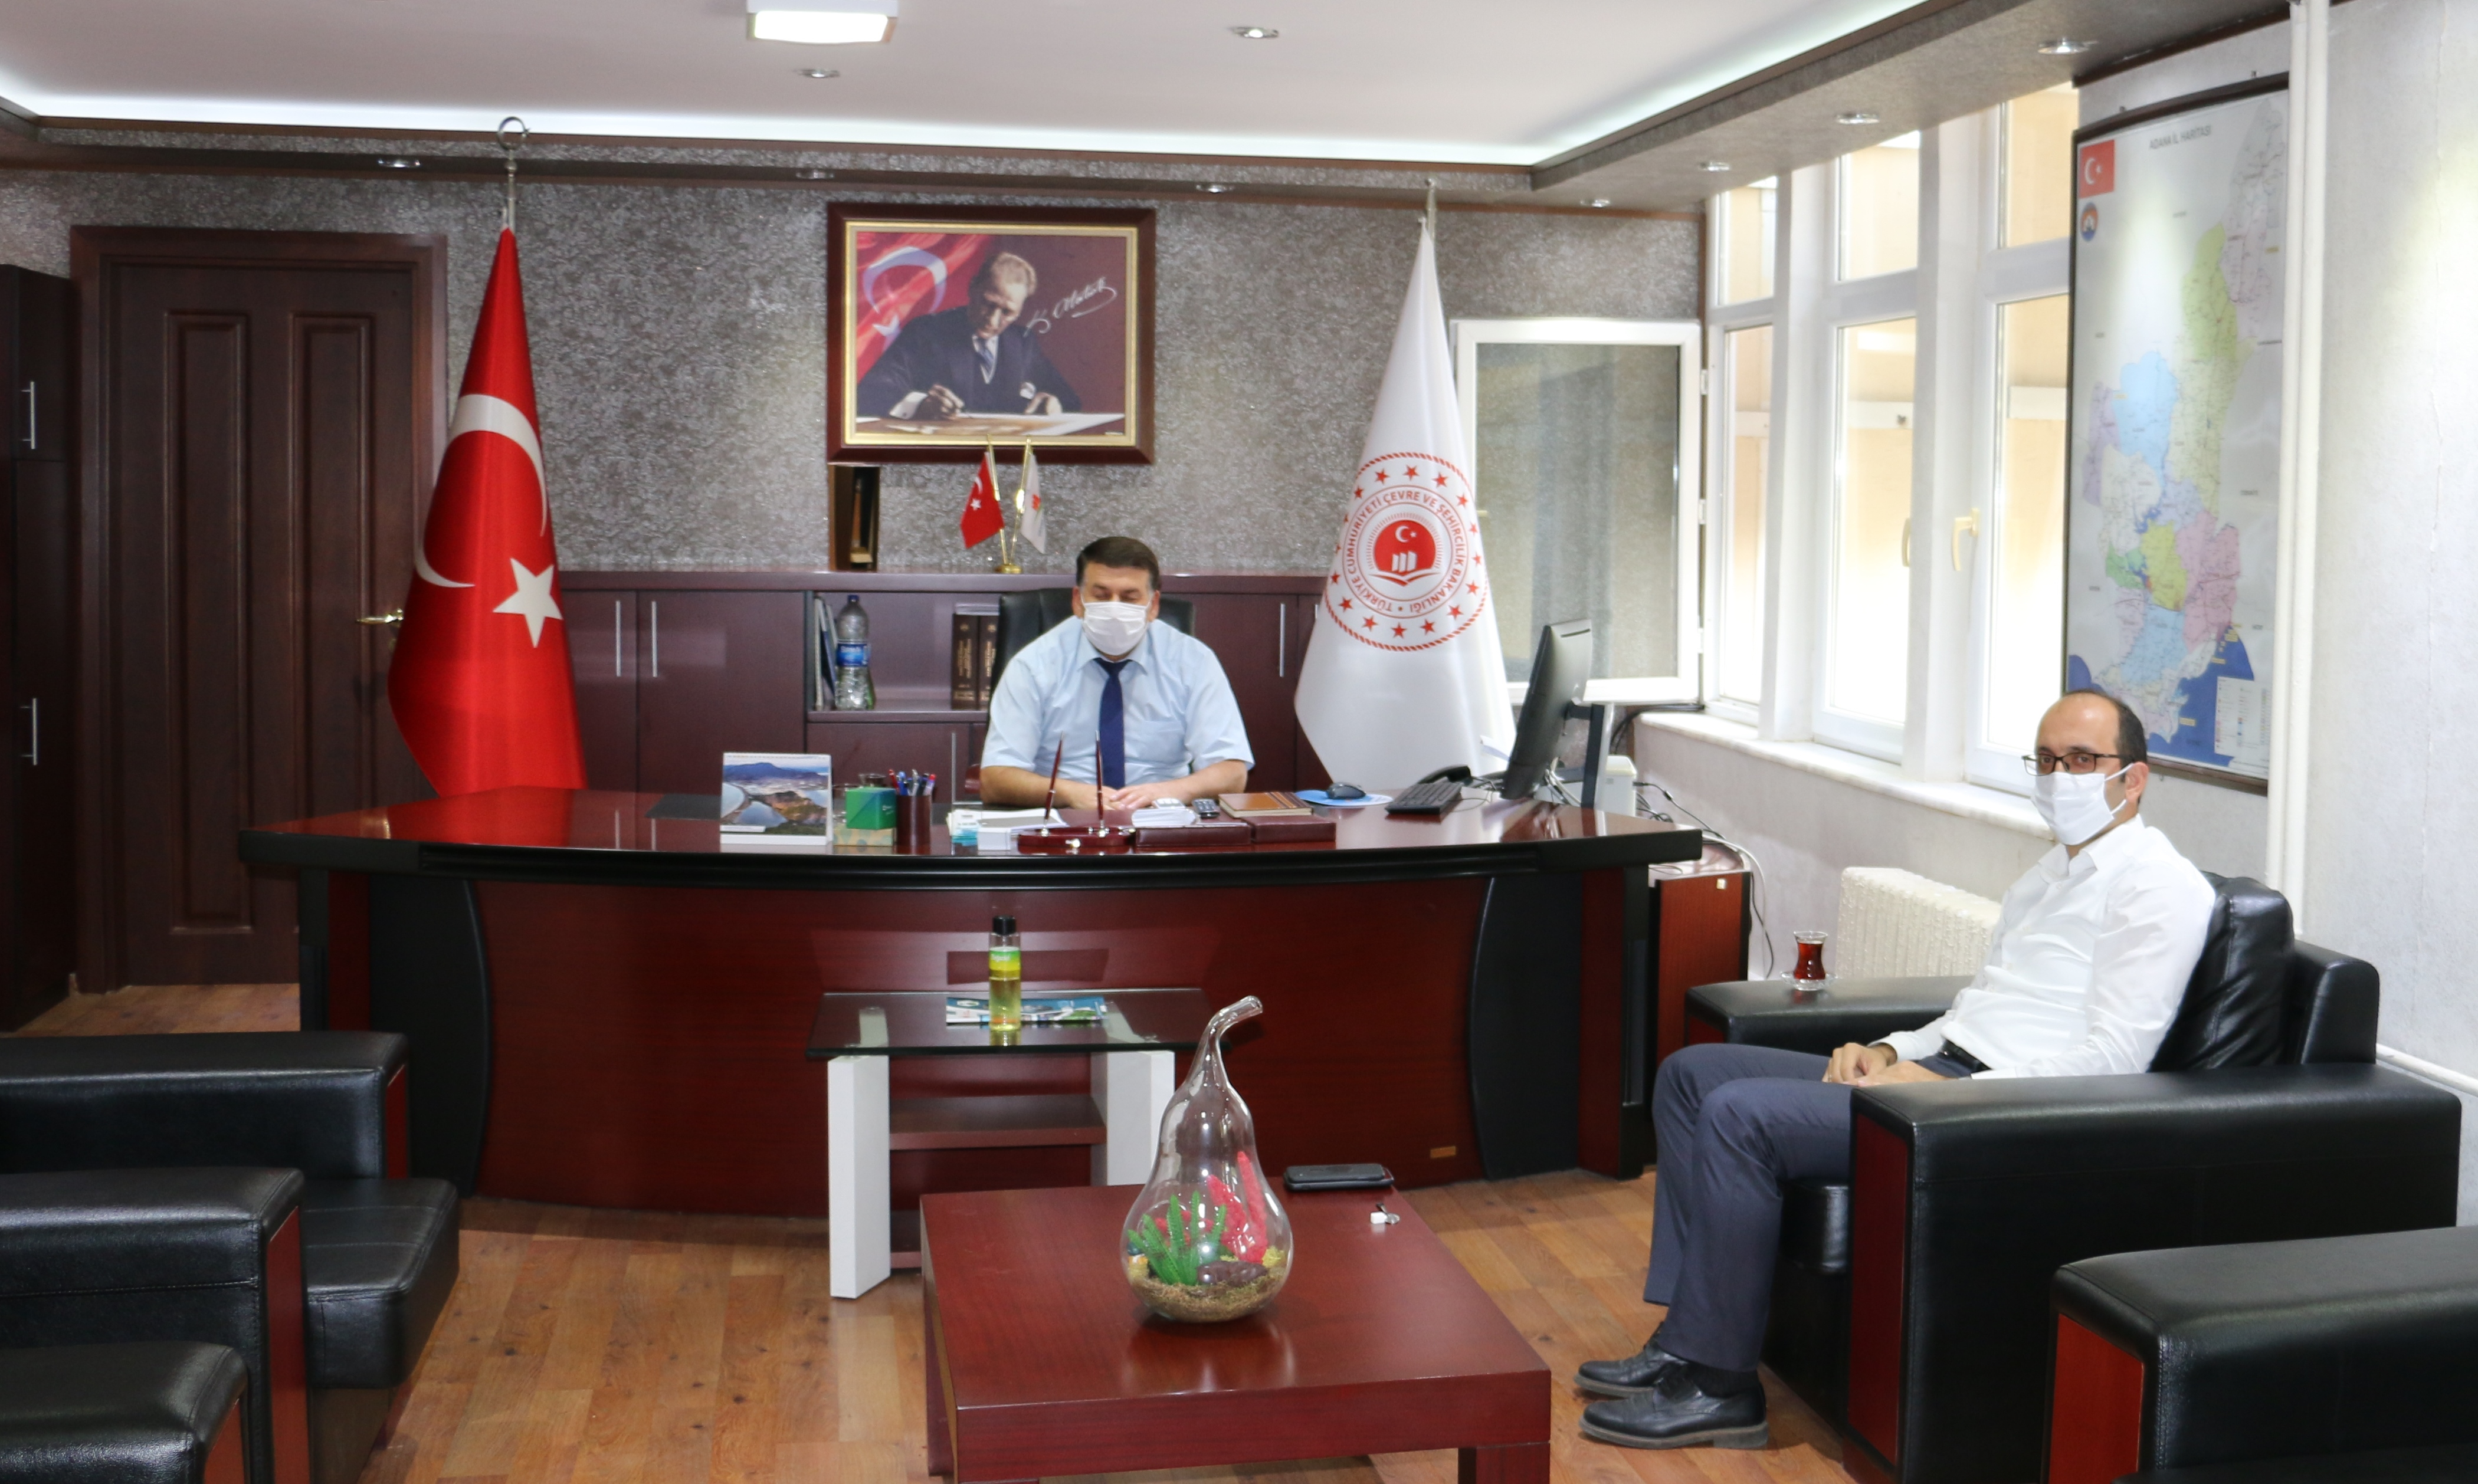 DSİ 6. Bölge Müdürü Mehmet Akif BALTA,  İl Müdürlüğümüzü ziyaret etti.